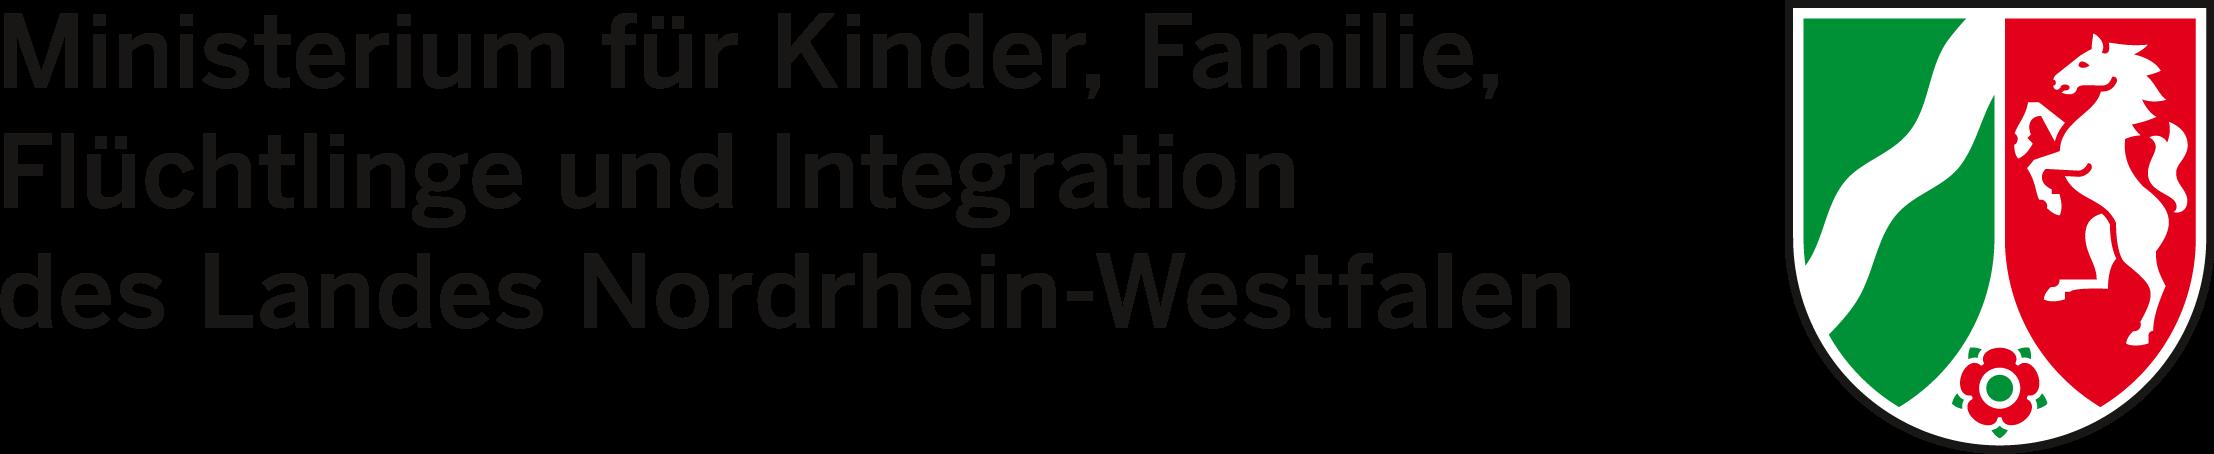 Logo des MKFFI